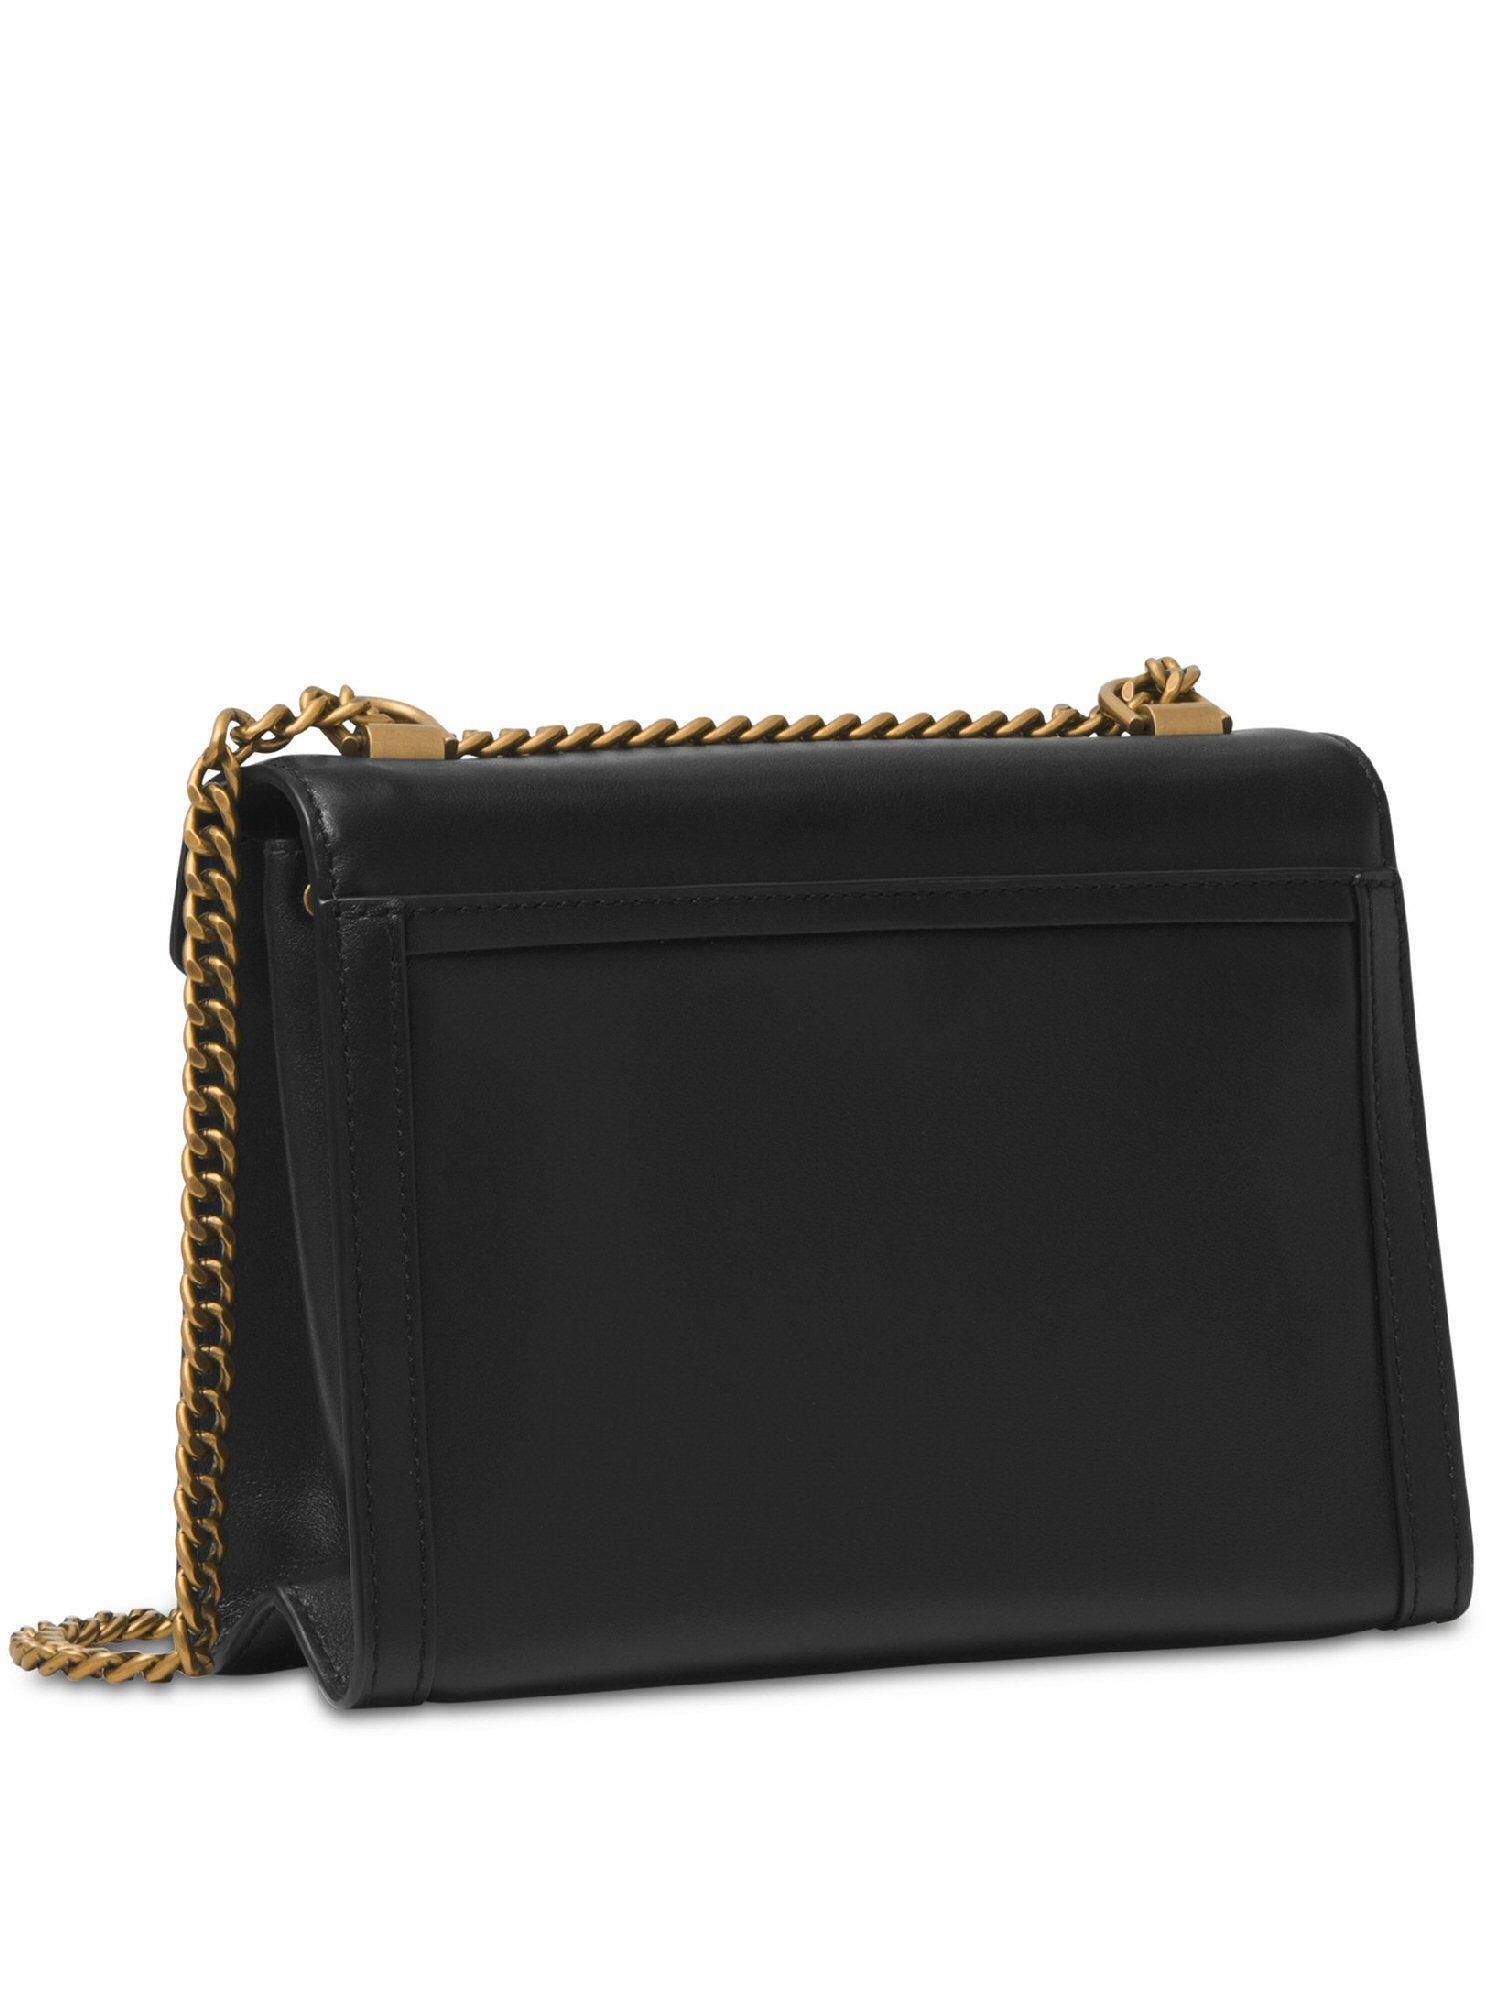 1ebc86ca2be6 Lyst - Michael Kors Studded Whitney Shoulder Bag in Black